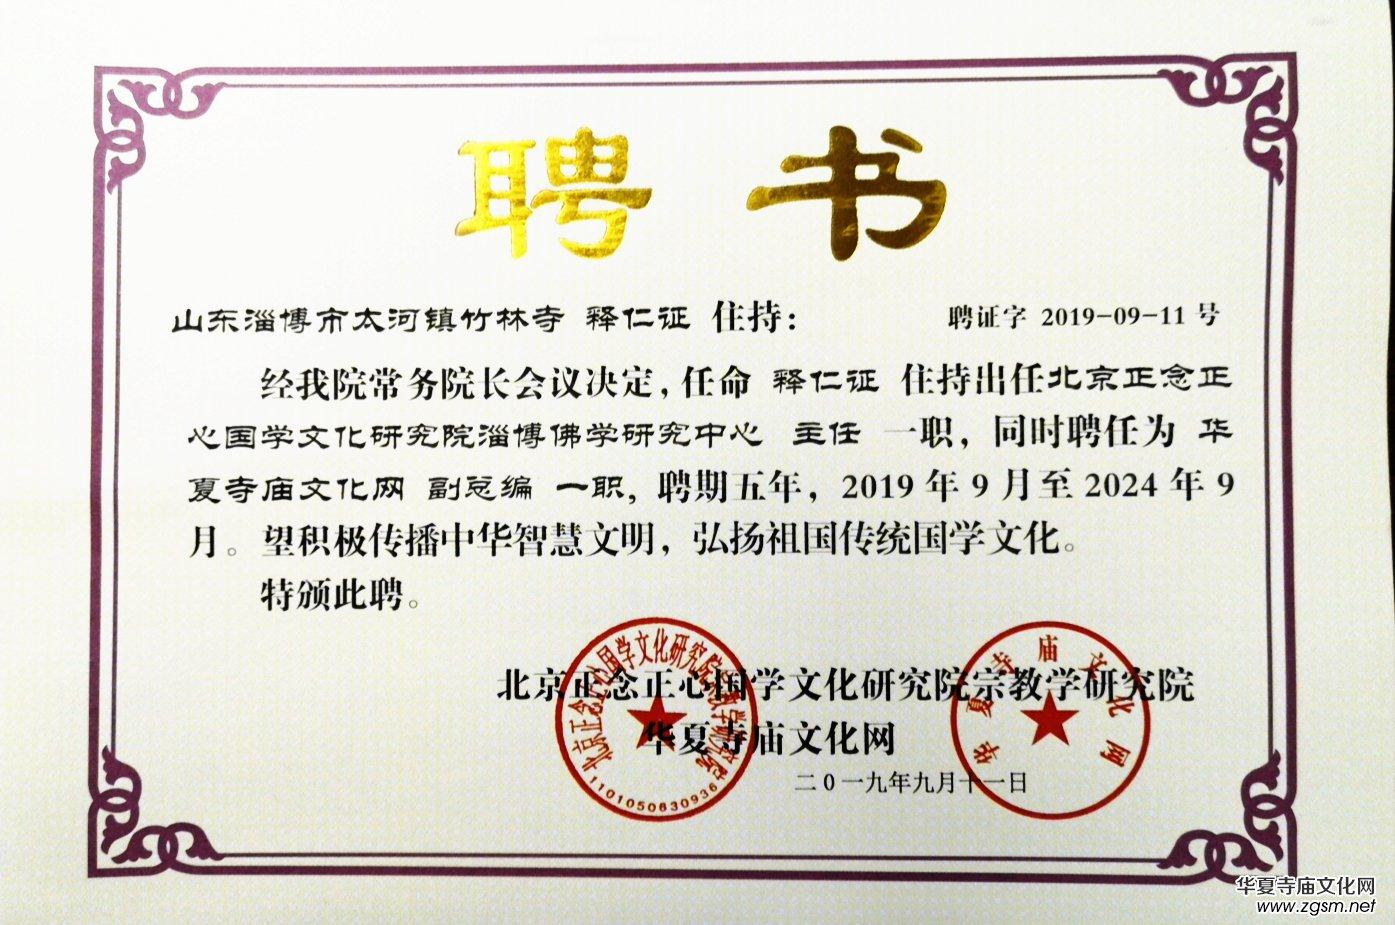 关于成立北京正念正心国学文化研究院淄博佛学研究中心的决定